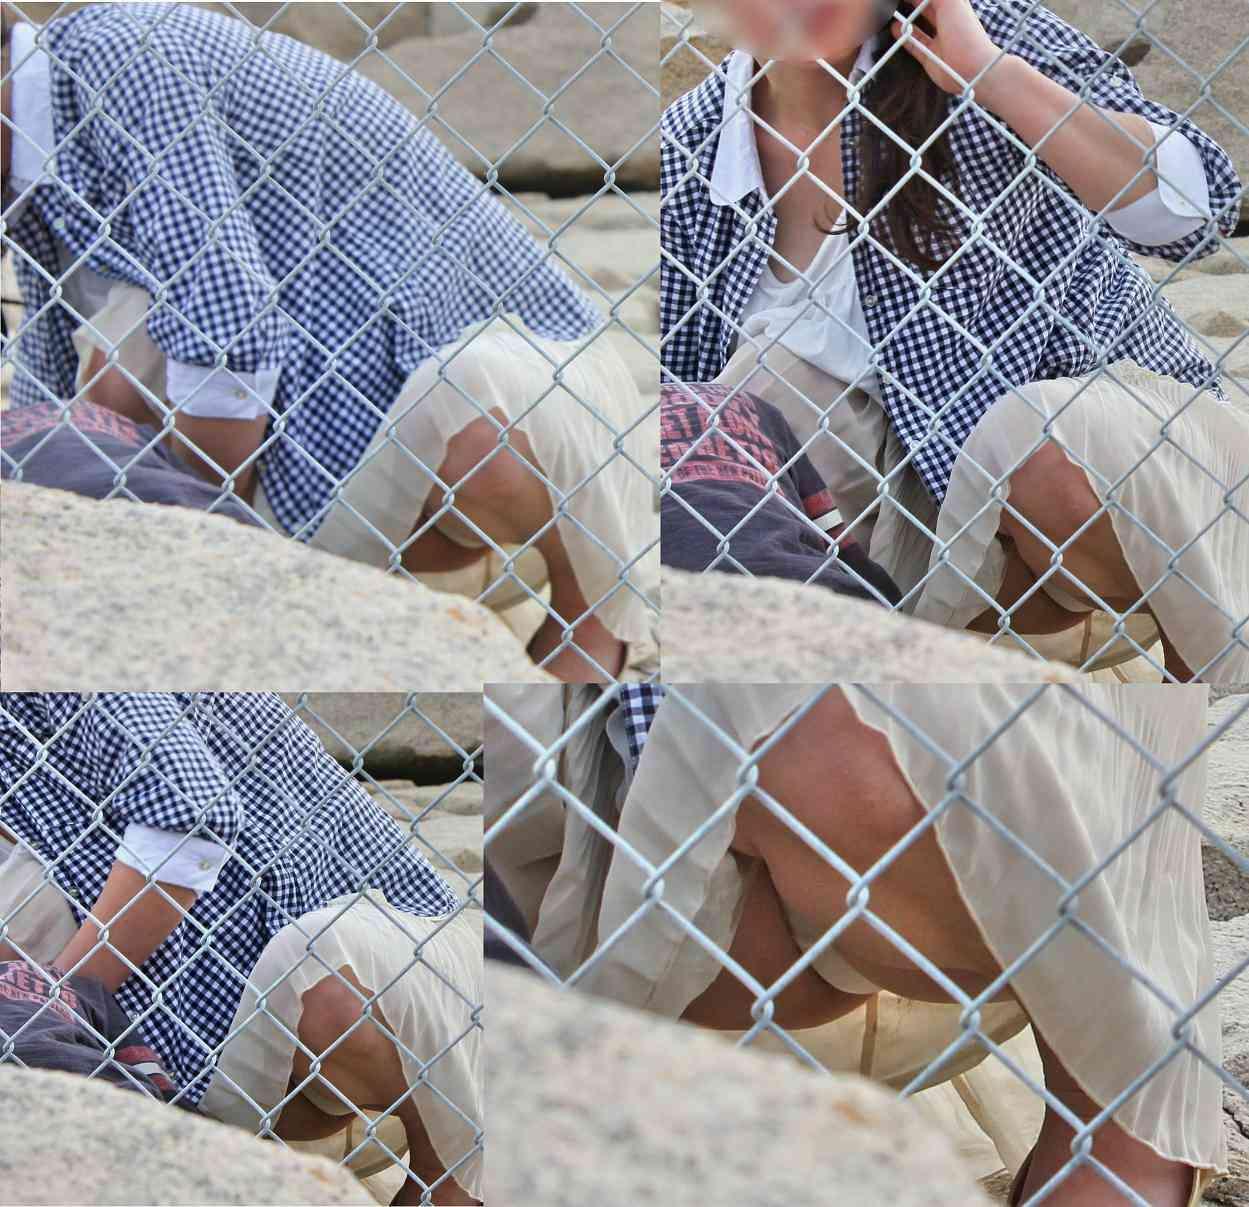 【パンチラエロ画像】ミニスカなのに性懲りも無くしゃがみ込む女が多いからどこ見ていいか判断に迷うwww 17